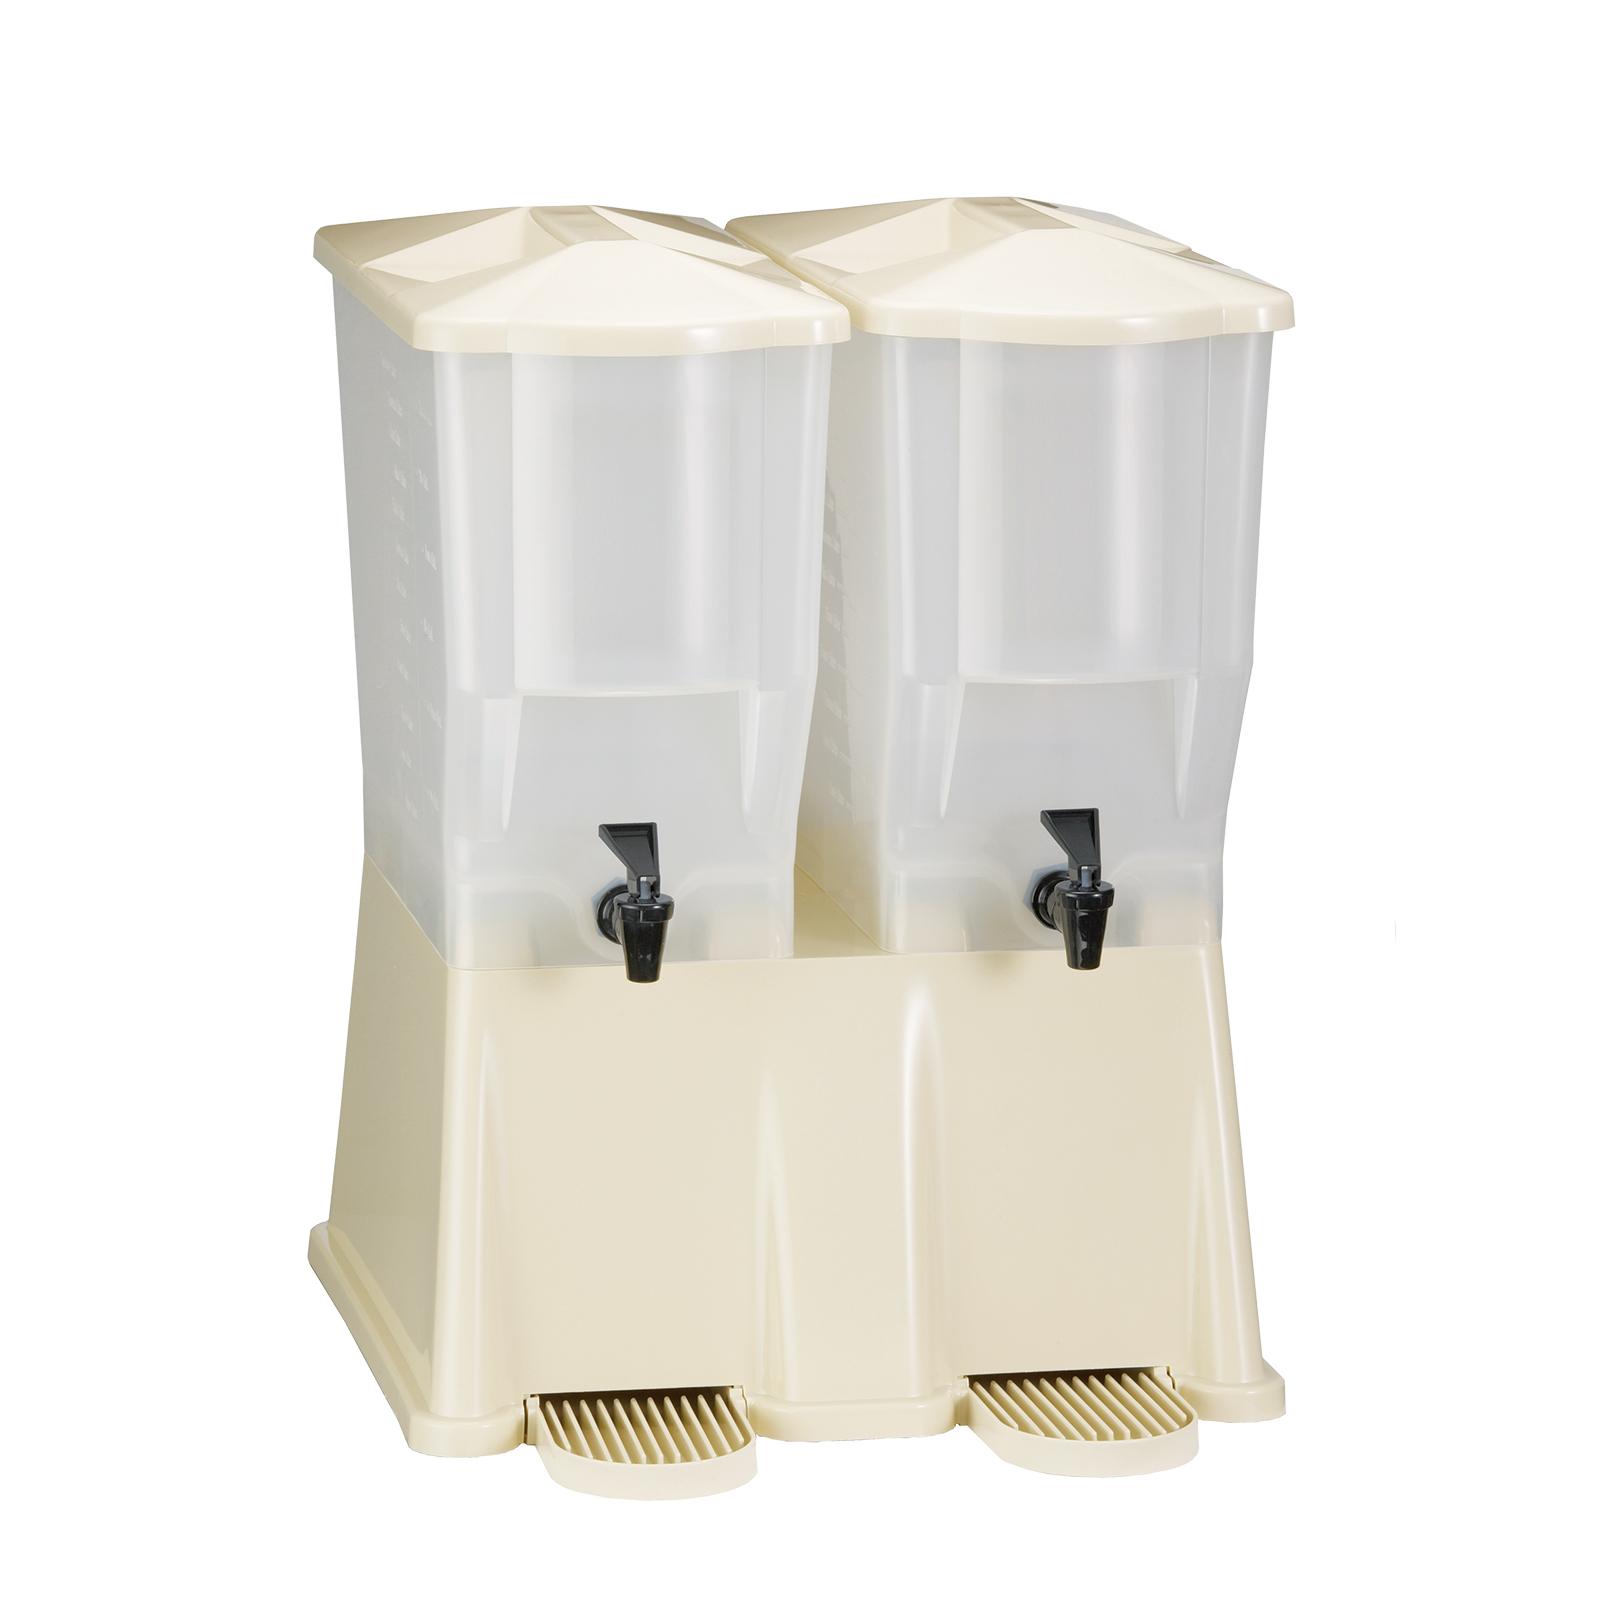 TableCraft Products TW33B beverage dispenser, stand